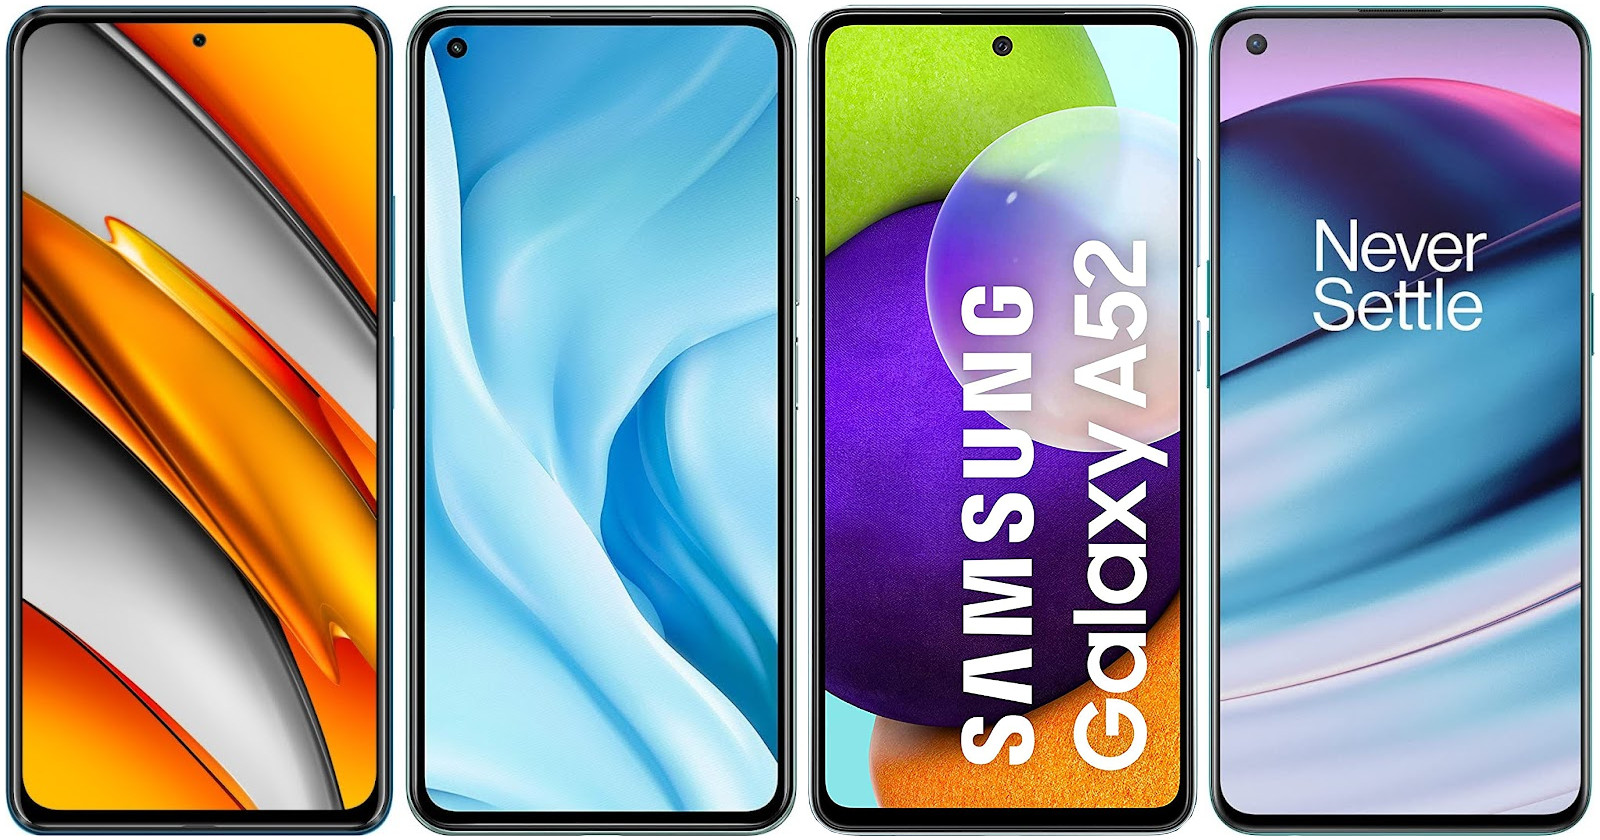 Xiaomi POCO F3 vs Xiaomi Mi 11 Lite 5G vs Samsung Galaxy A52 4G vs OnePlus Nord CE